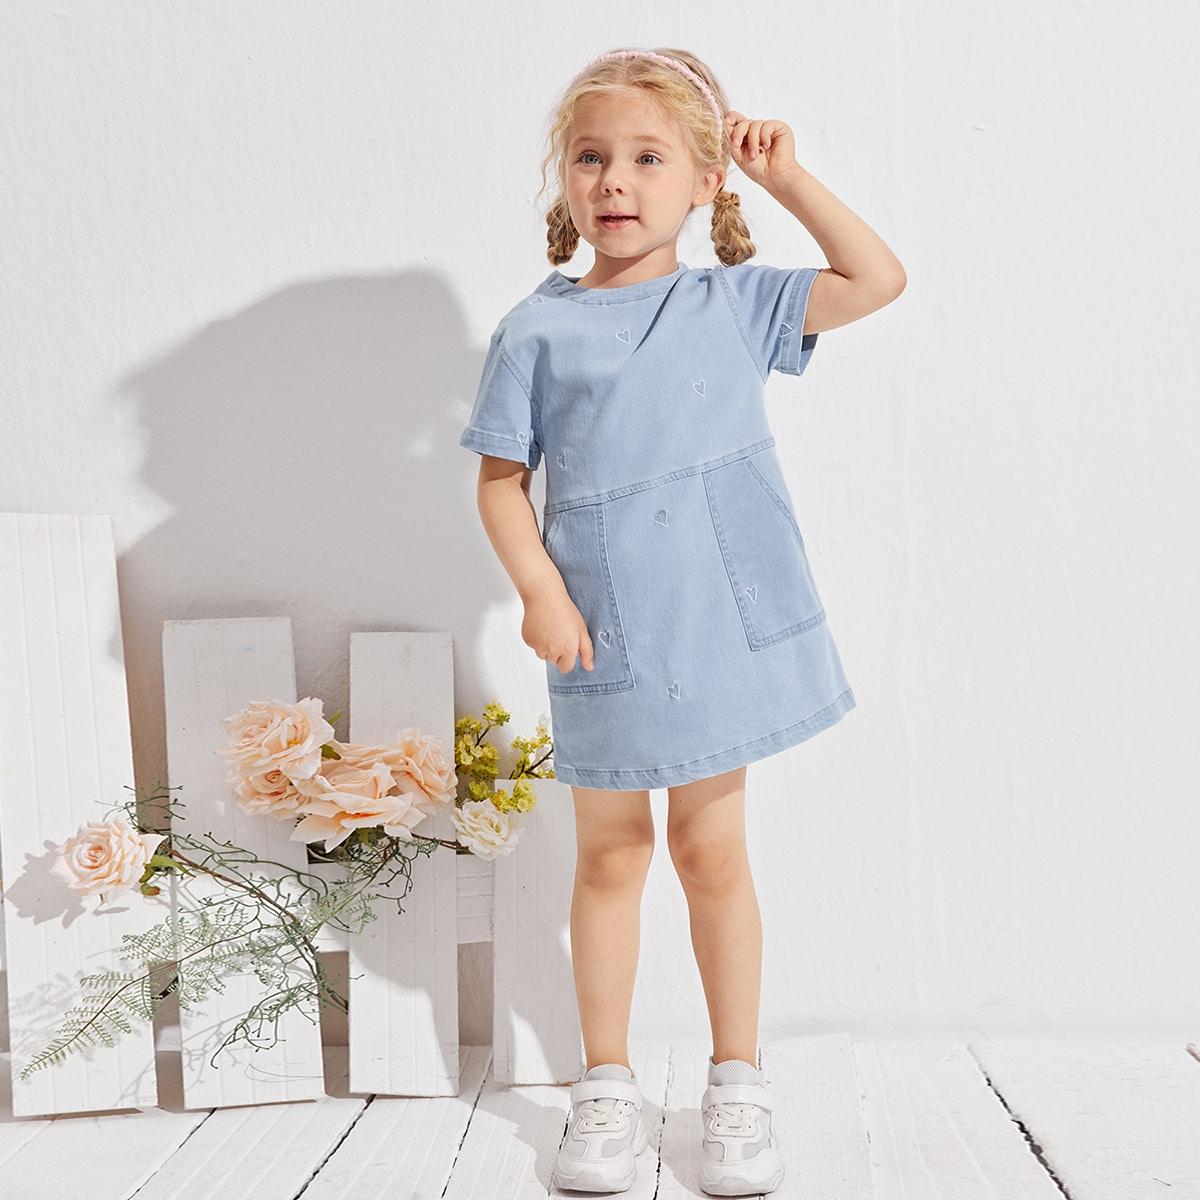 на пуговицах с вышивкой с карманами Сердечко Повседневный Джинсовые платья для девочек SheIn skdress25210415863